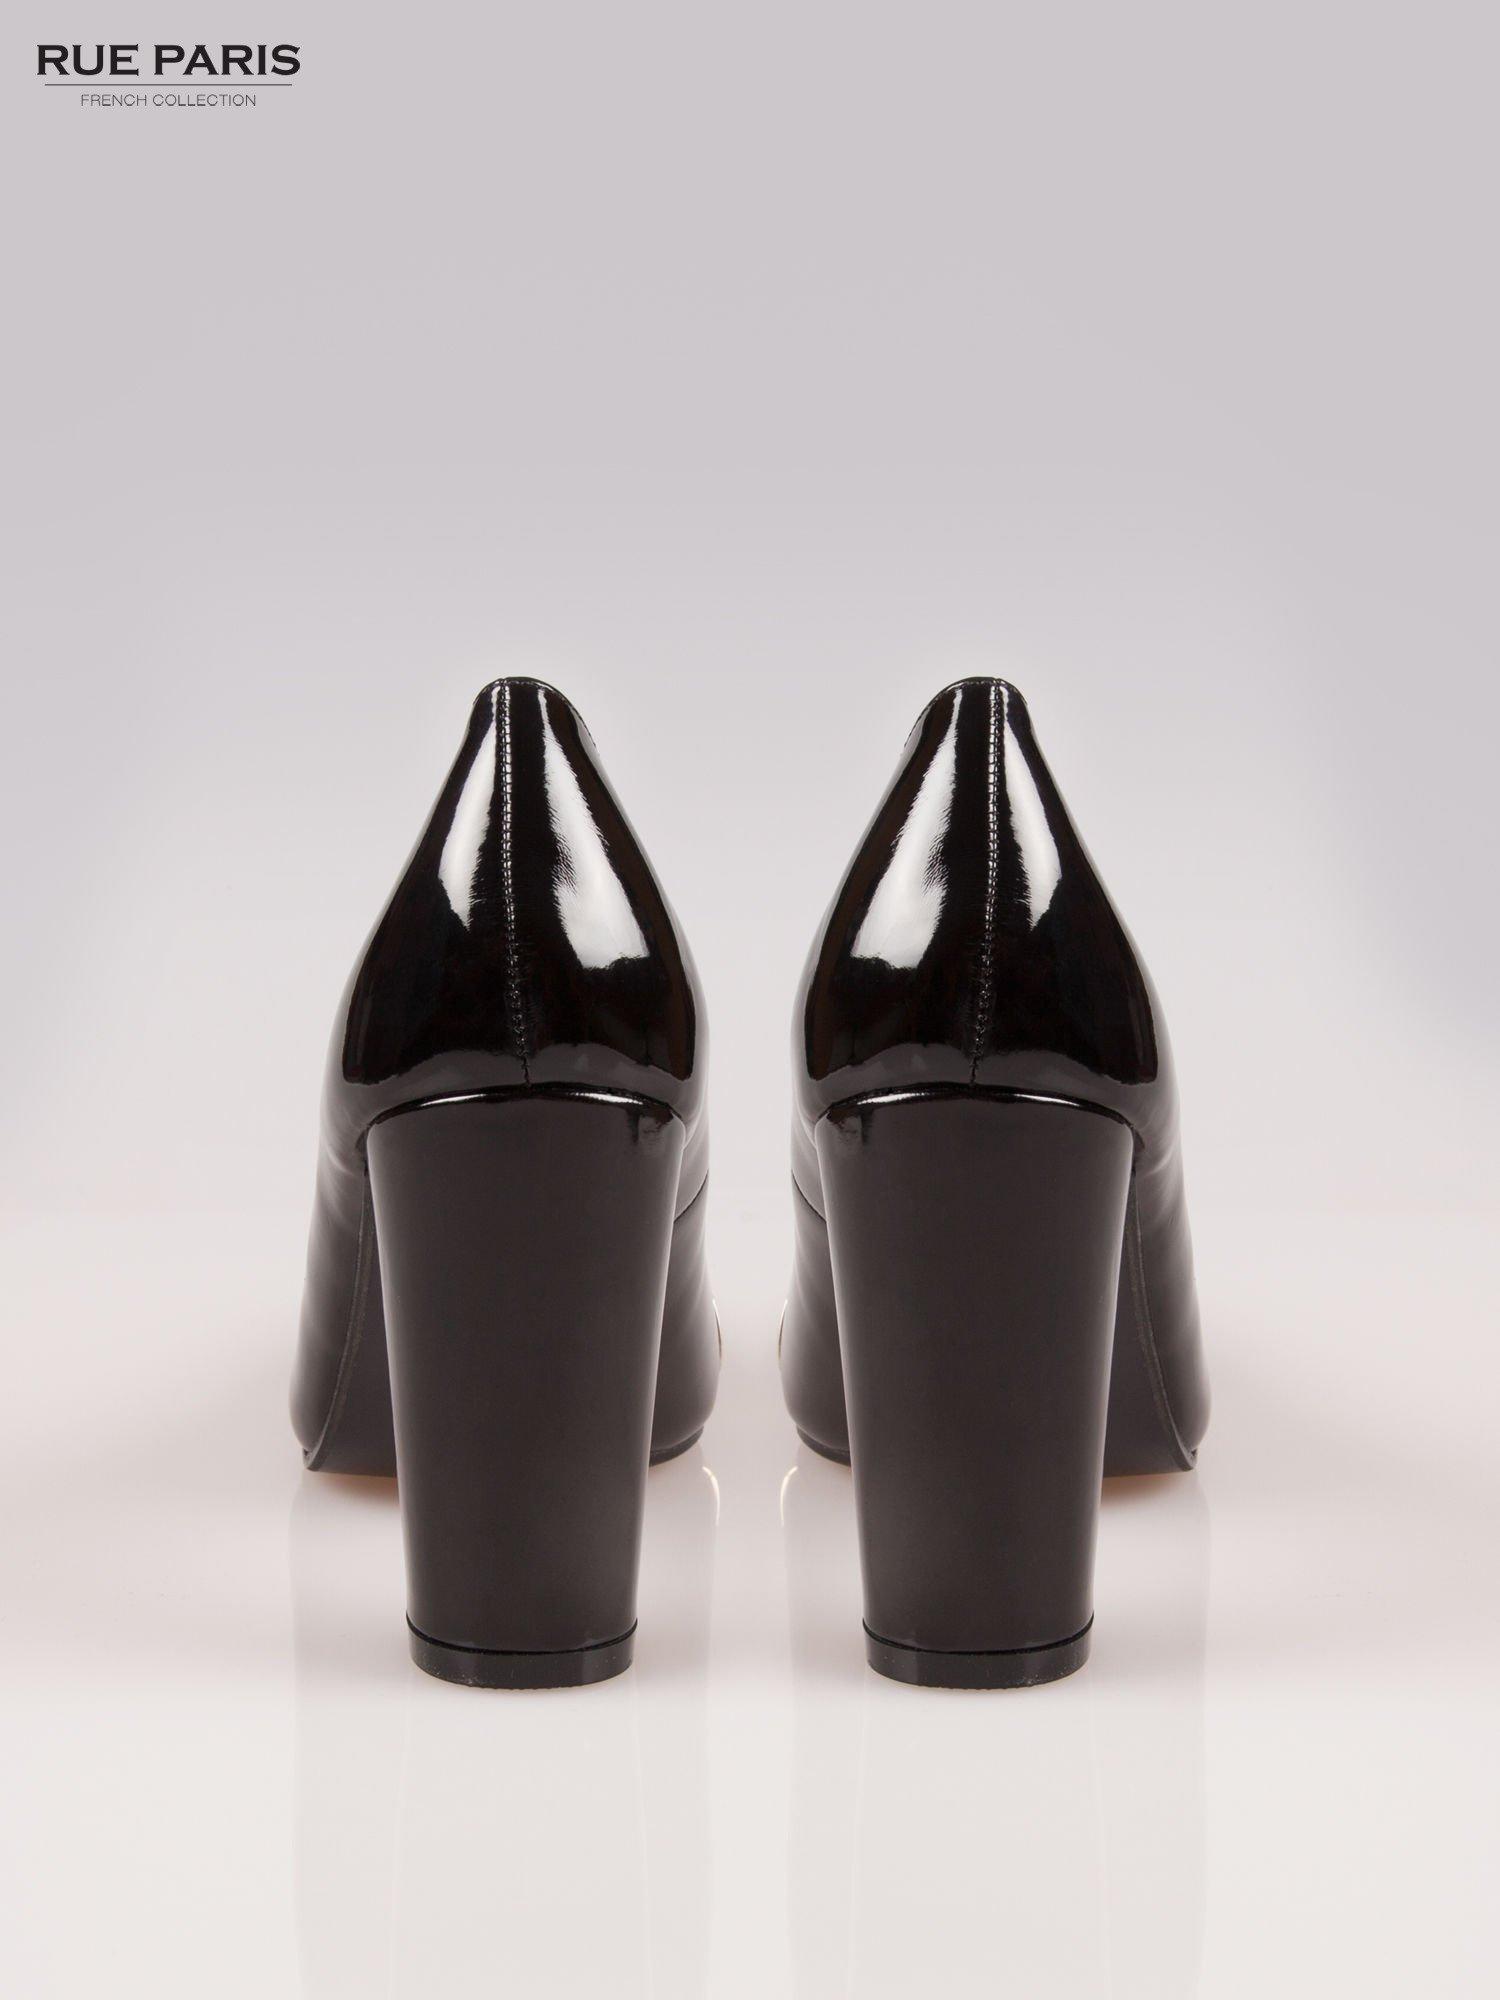 Czarne czółenka na słupku z metalowym detalem przy nosku                                  zdj.                                  3